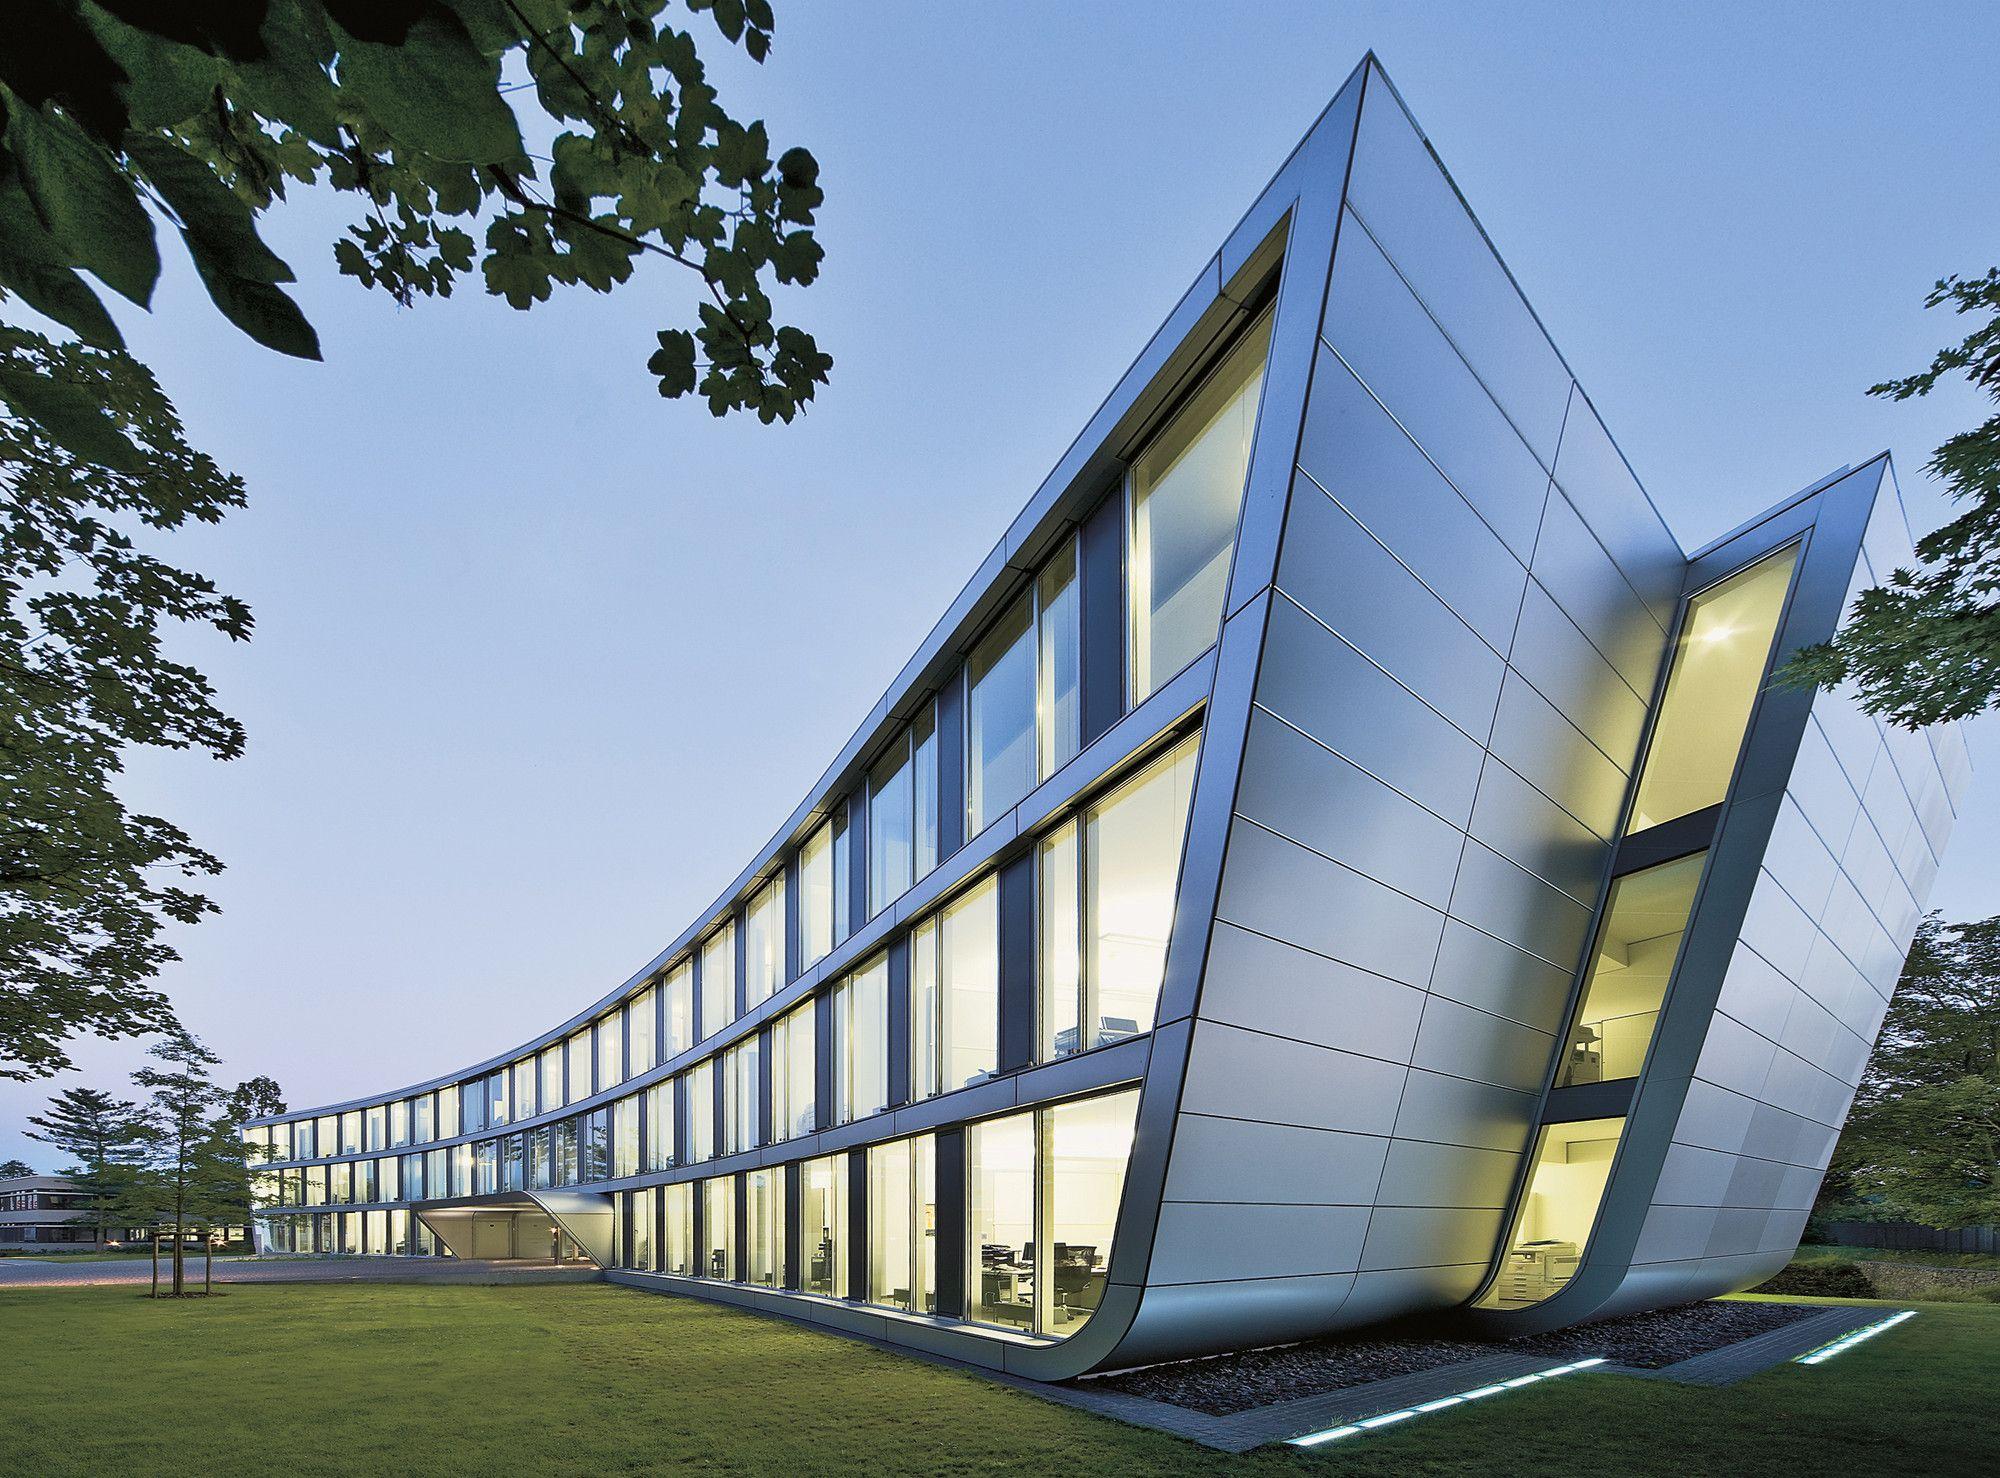 Architekten Neuss wye eike becker architekten architecture